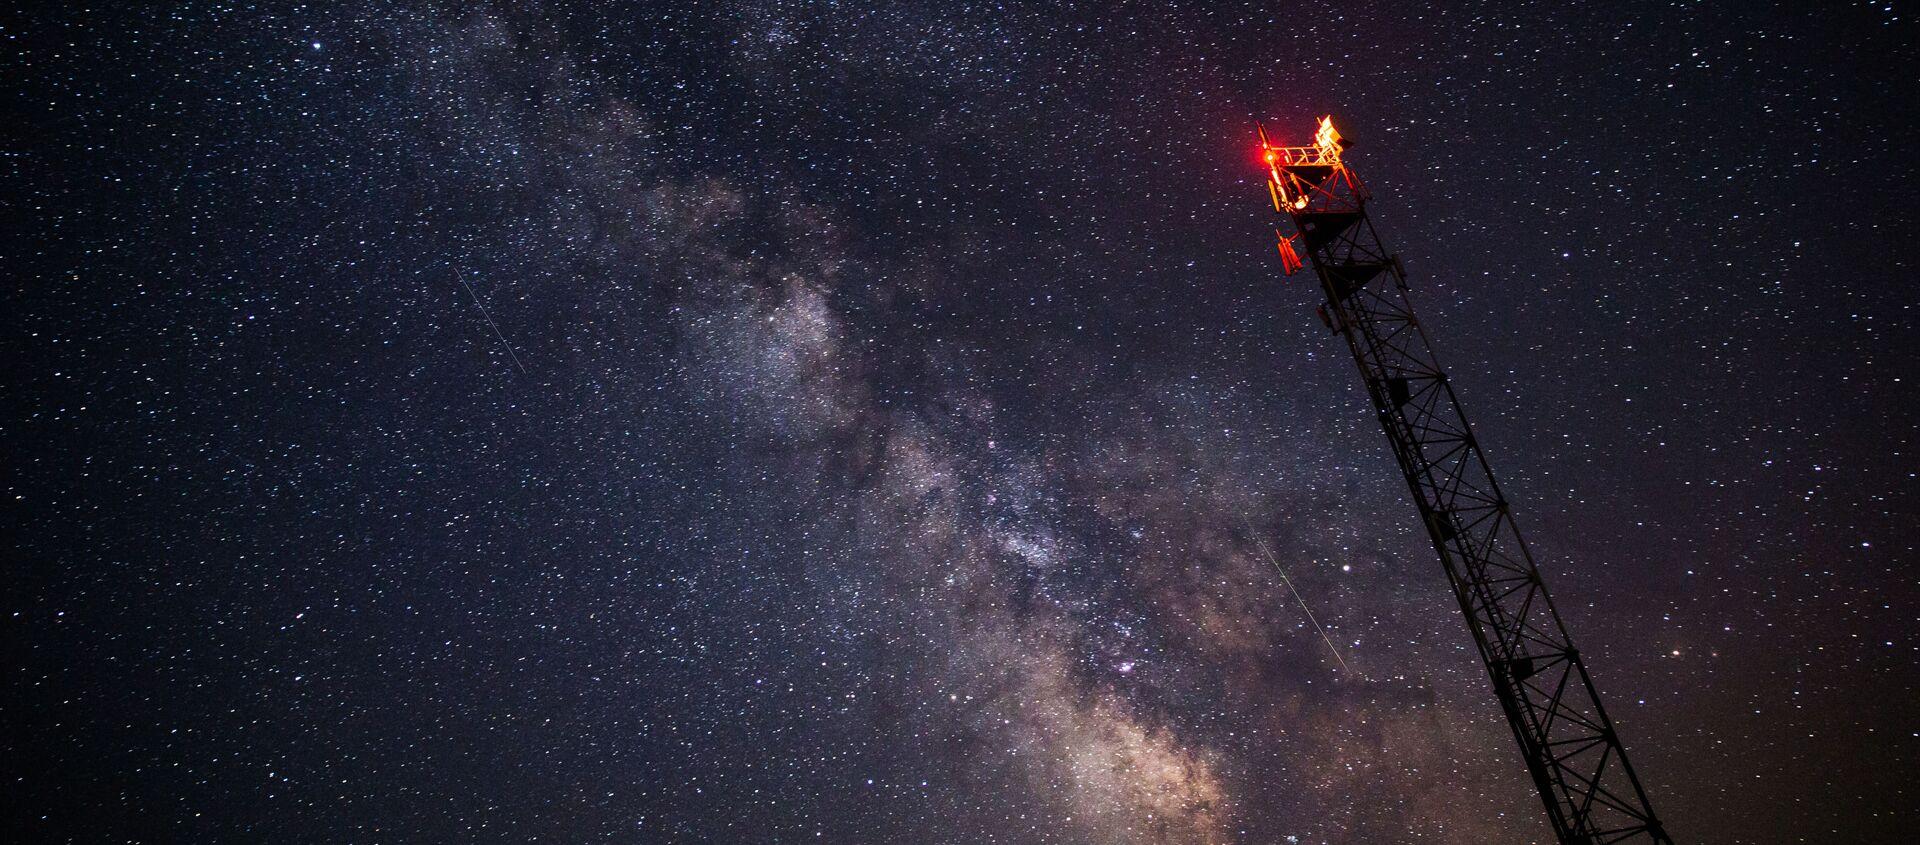 Gwiezdne niebo podczas deszczu meteorów Perseidów w Kraju Krasnodarskim  - Sputnik Polska, 1920, 17.01.2021